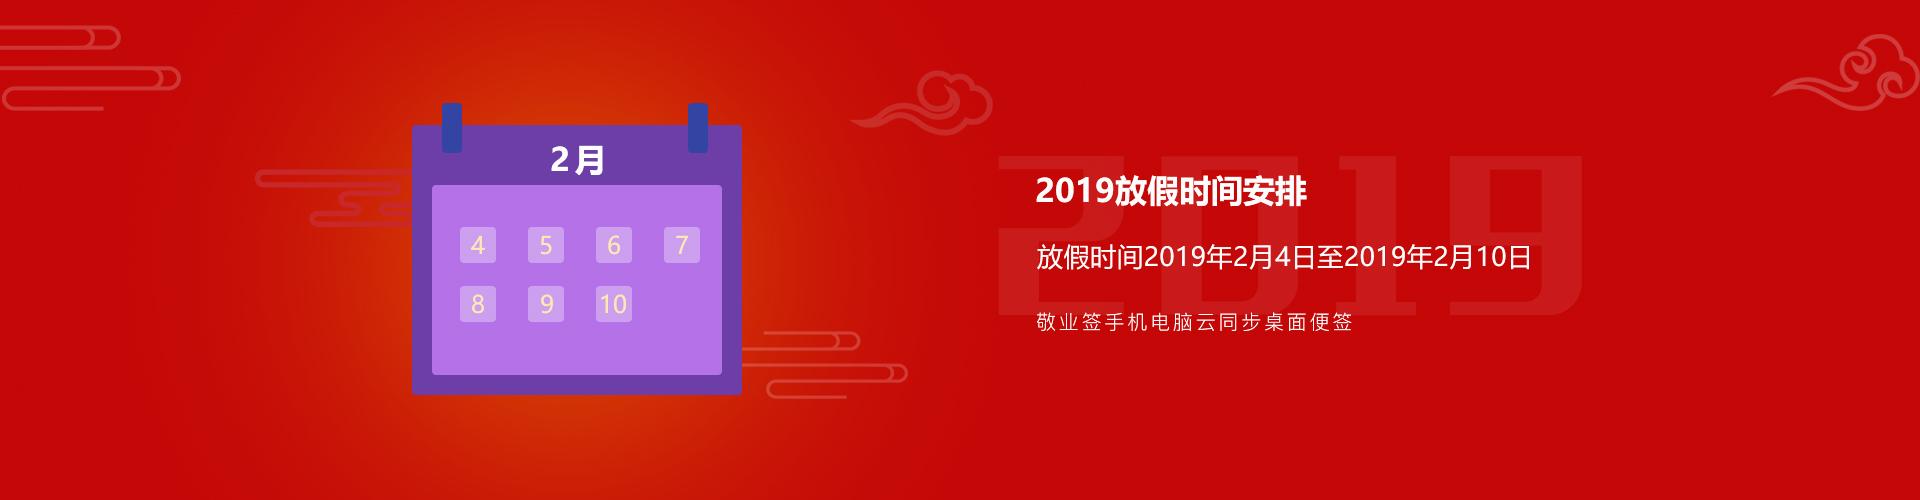 敬业签2019春节放假安排